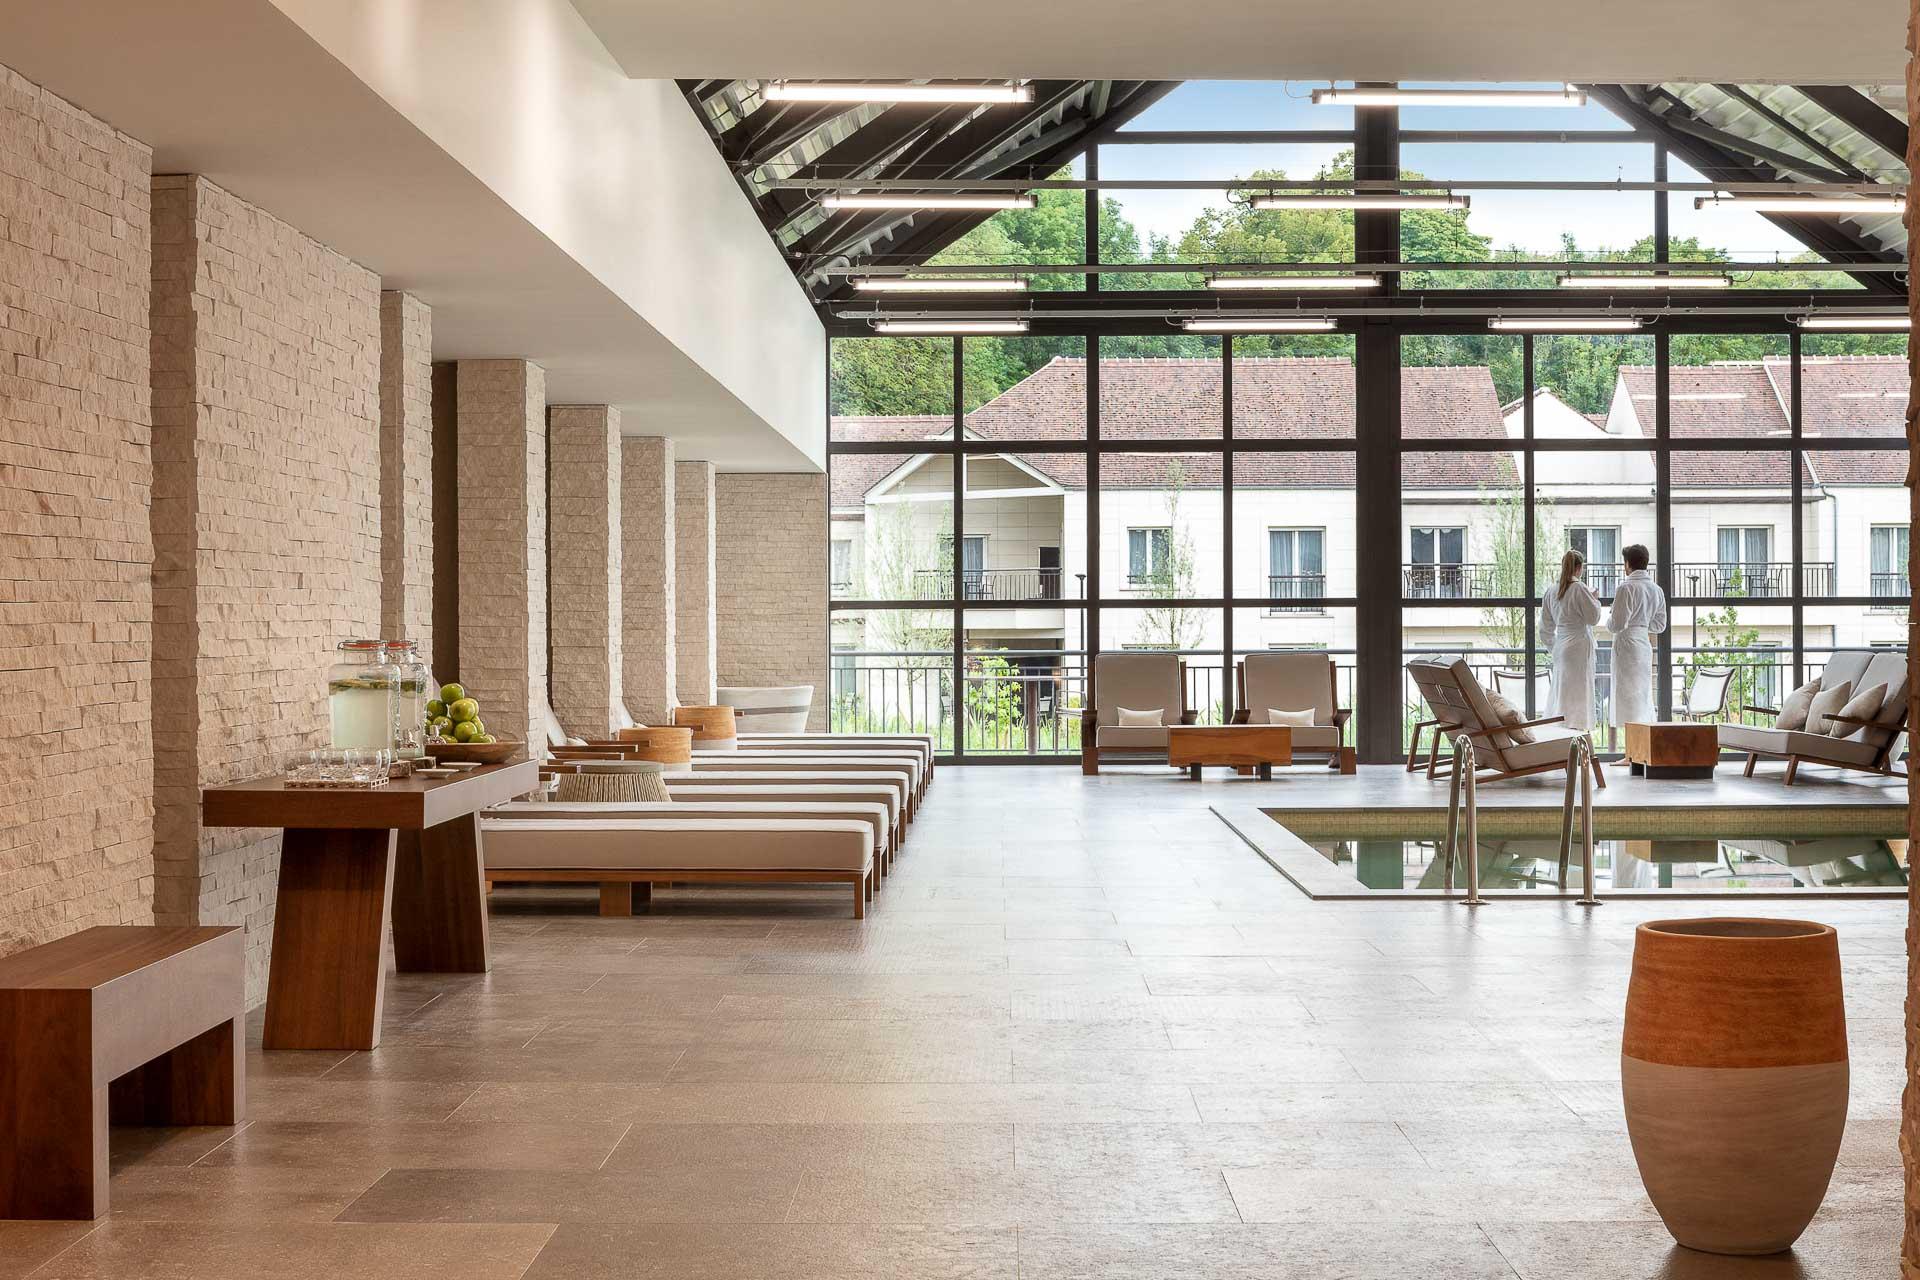 Le Cottage Spa & Wellness s'étend sur 1,200 mètres carrés dédiés au bien-être